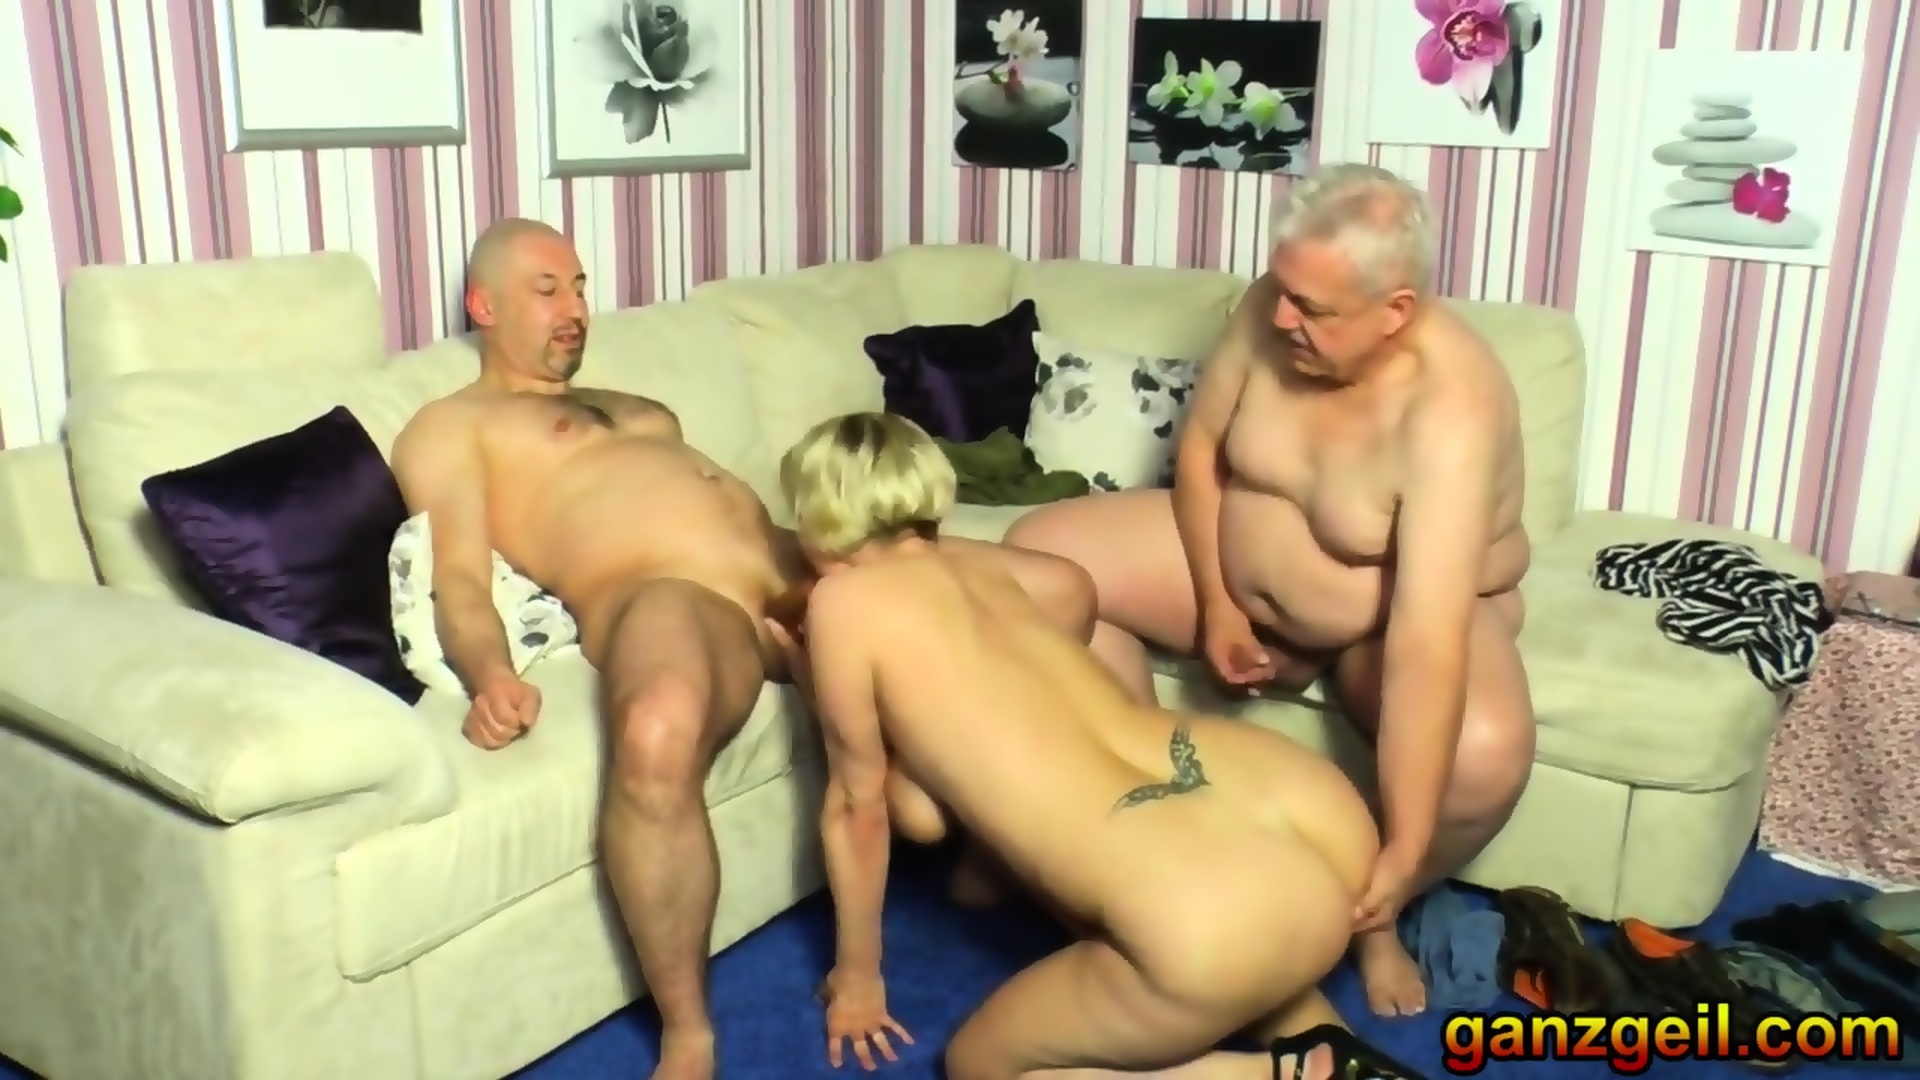 Ehefotzen verleih 33 part 1 Deutsche Swingers